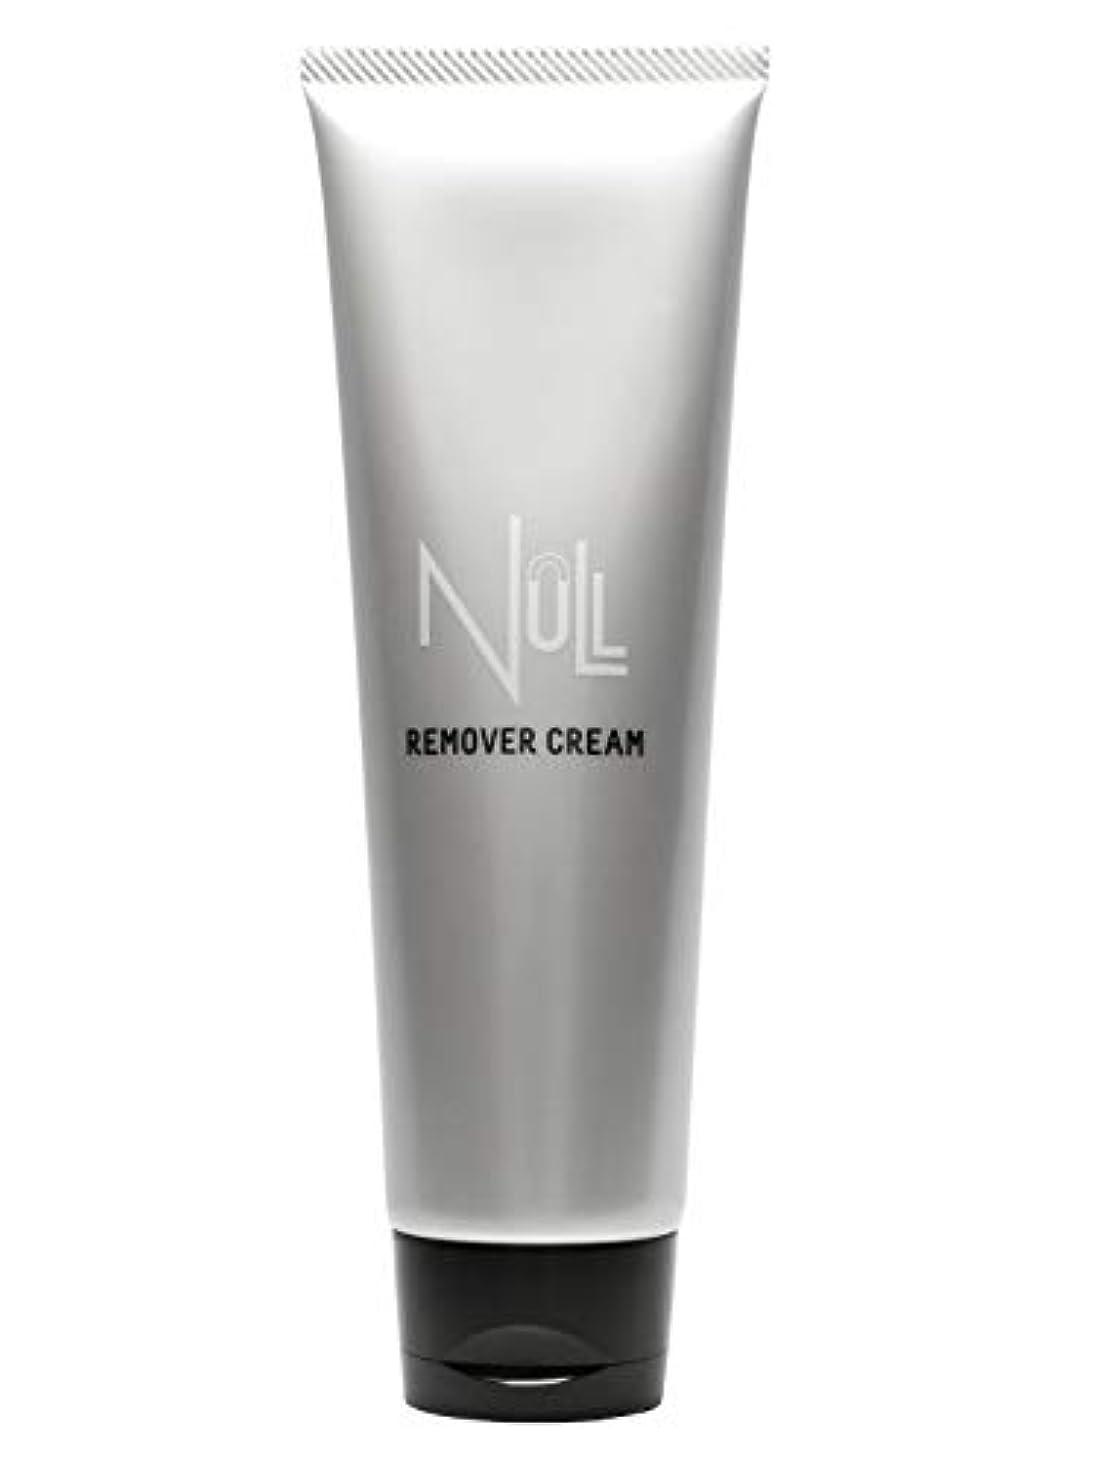 量で耐えるコントロールNULL 薬用リムーバークリーム 除毛クリーム メンズ 200g [ 陰部 / アンダーヘア / Vライン / ボディ用 ]